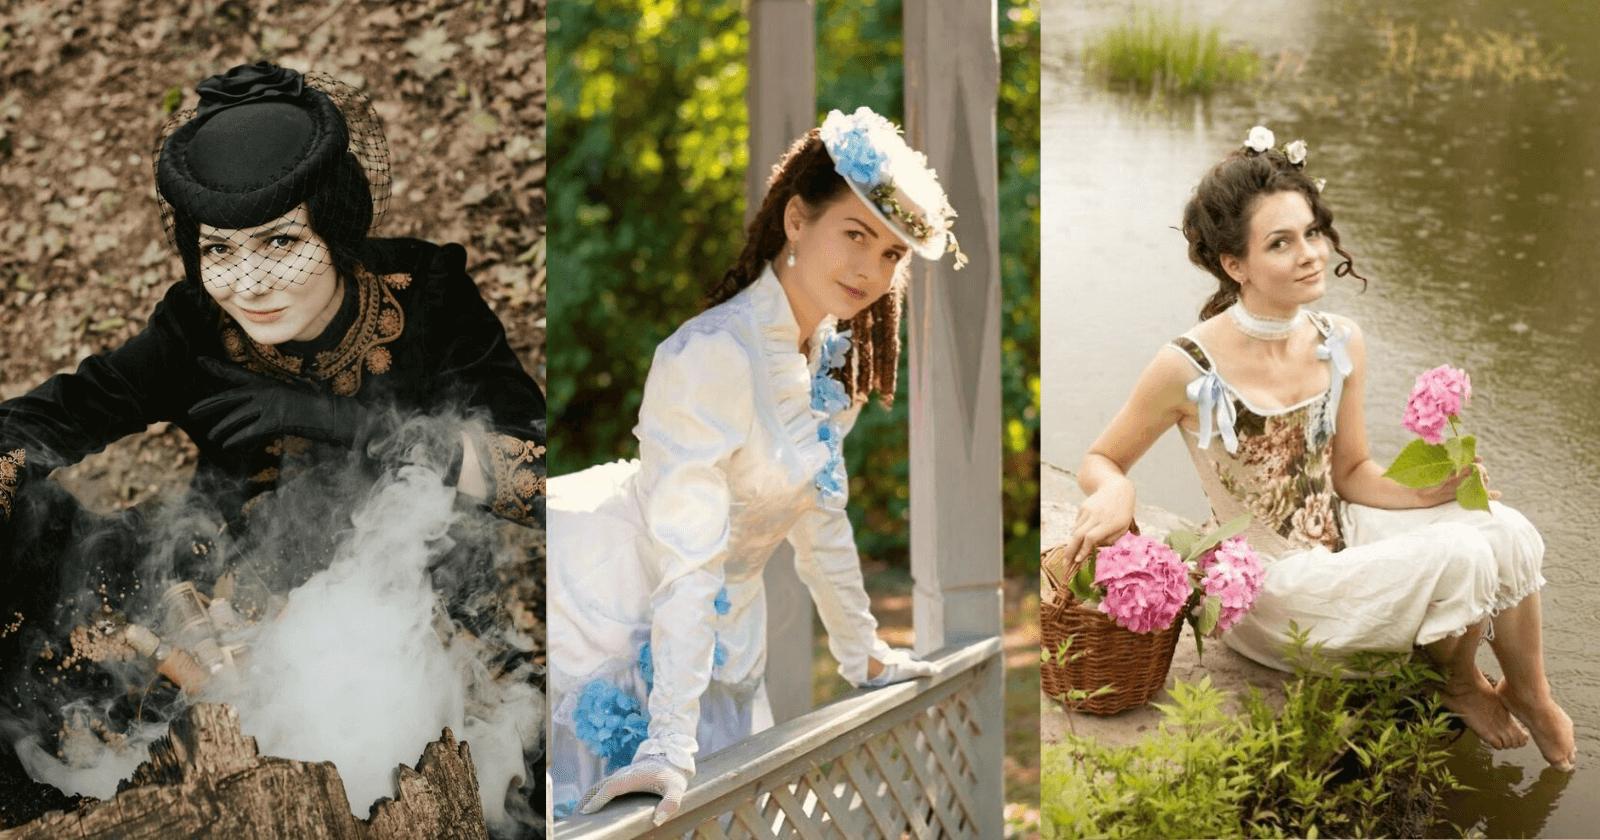 Mulher abandona tendências de moda e decide se vestir APENAS com roupas do SÉCULO 19